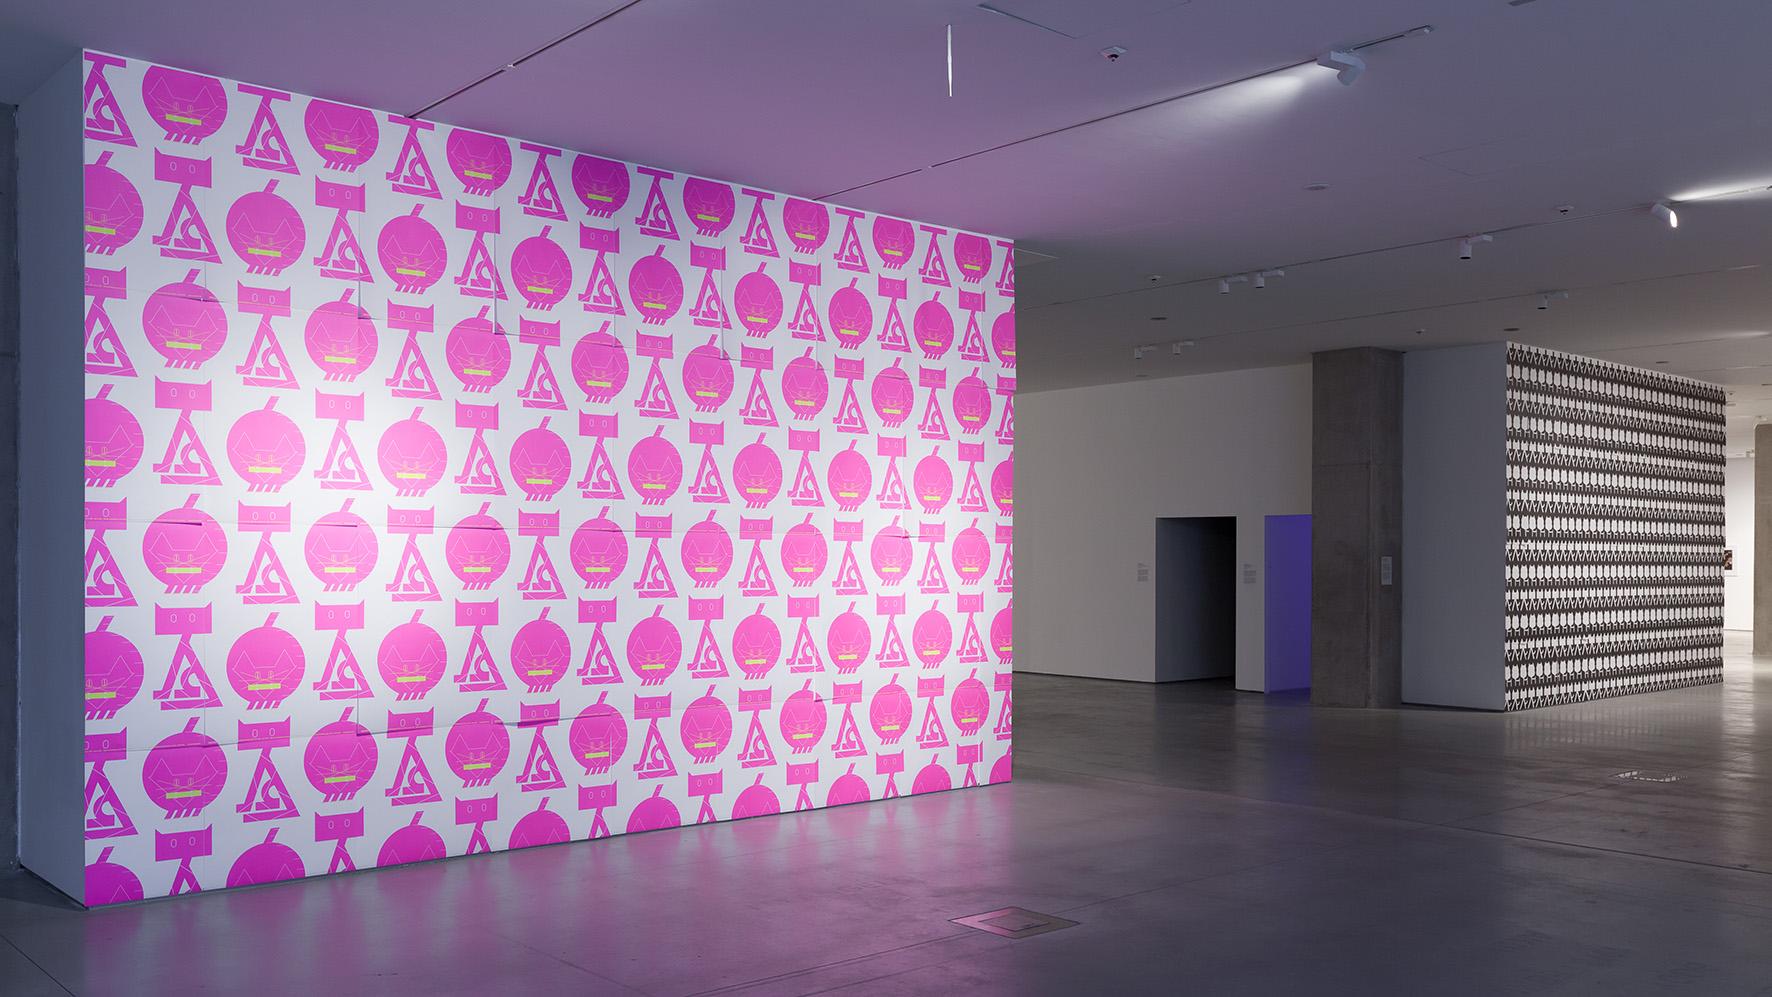 Kazunari Hattori, Tapeta, 2014, druk offsetowy, 103 × 72,8 cm każdy, własność artysty, © Kazunari Hattori